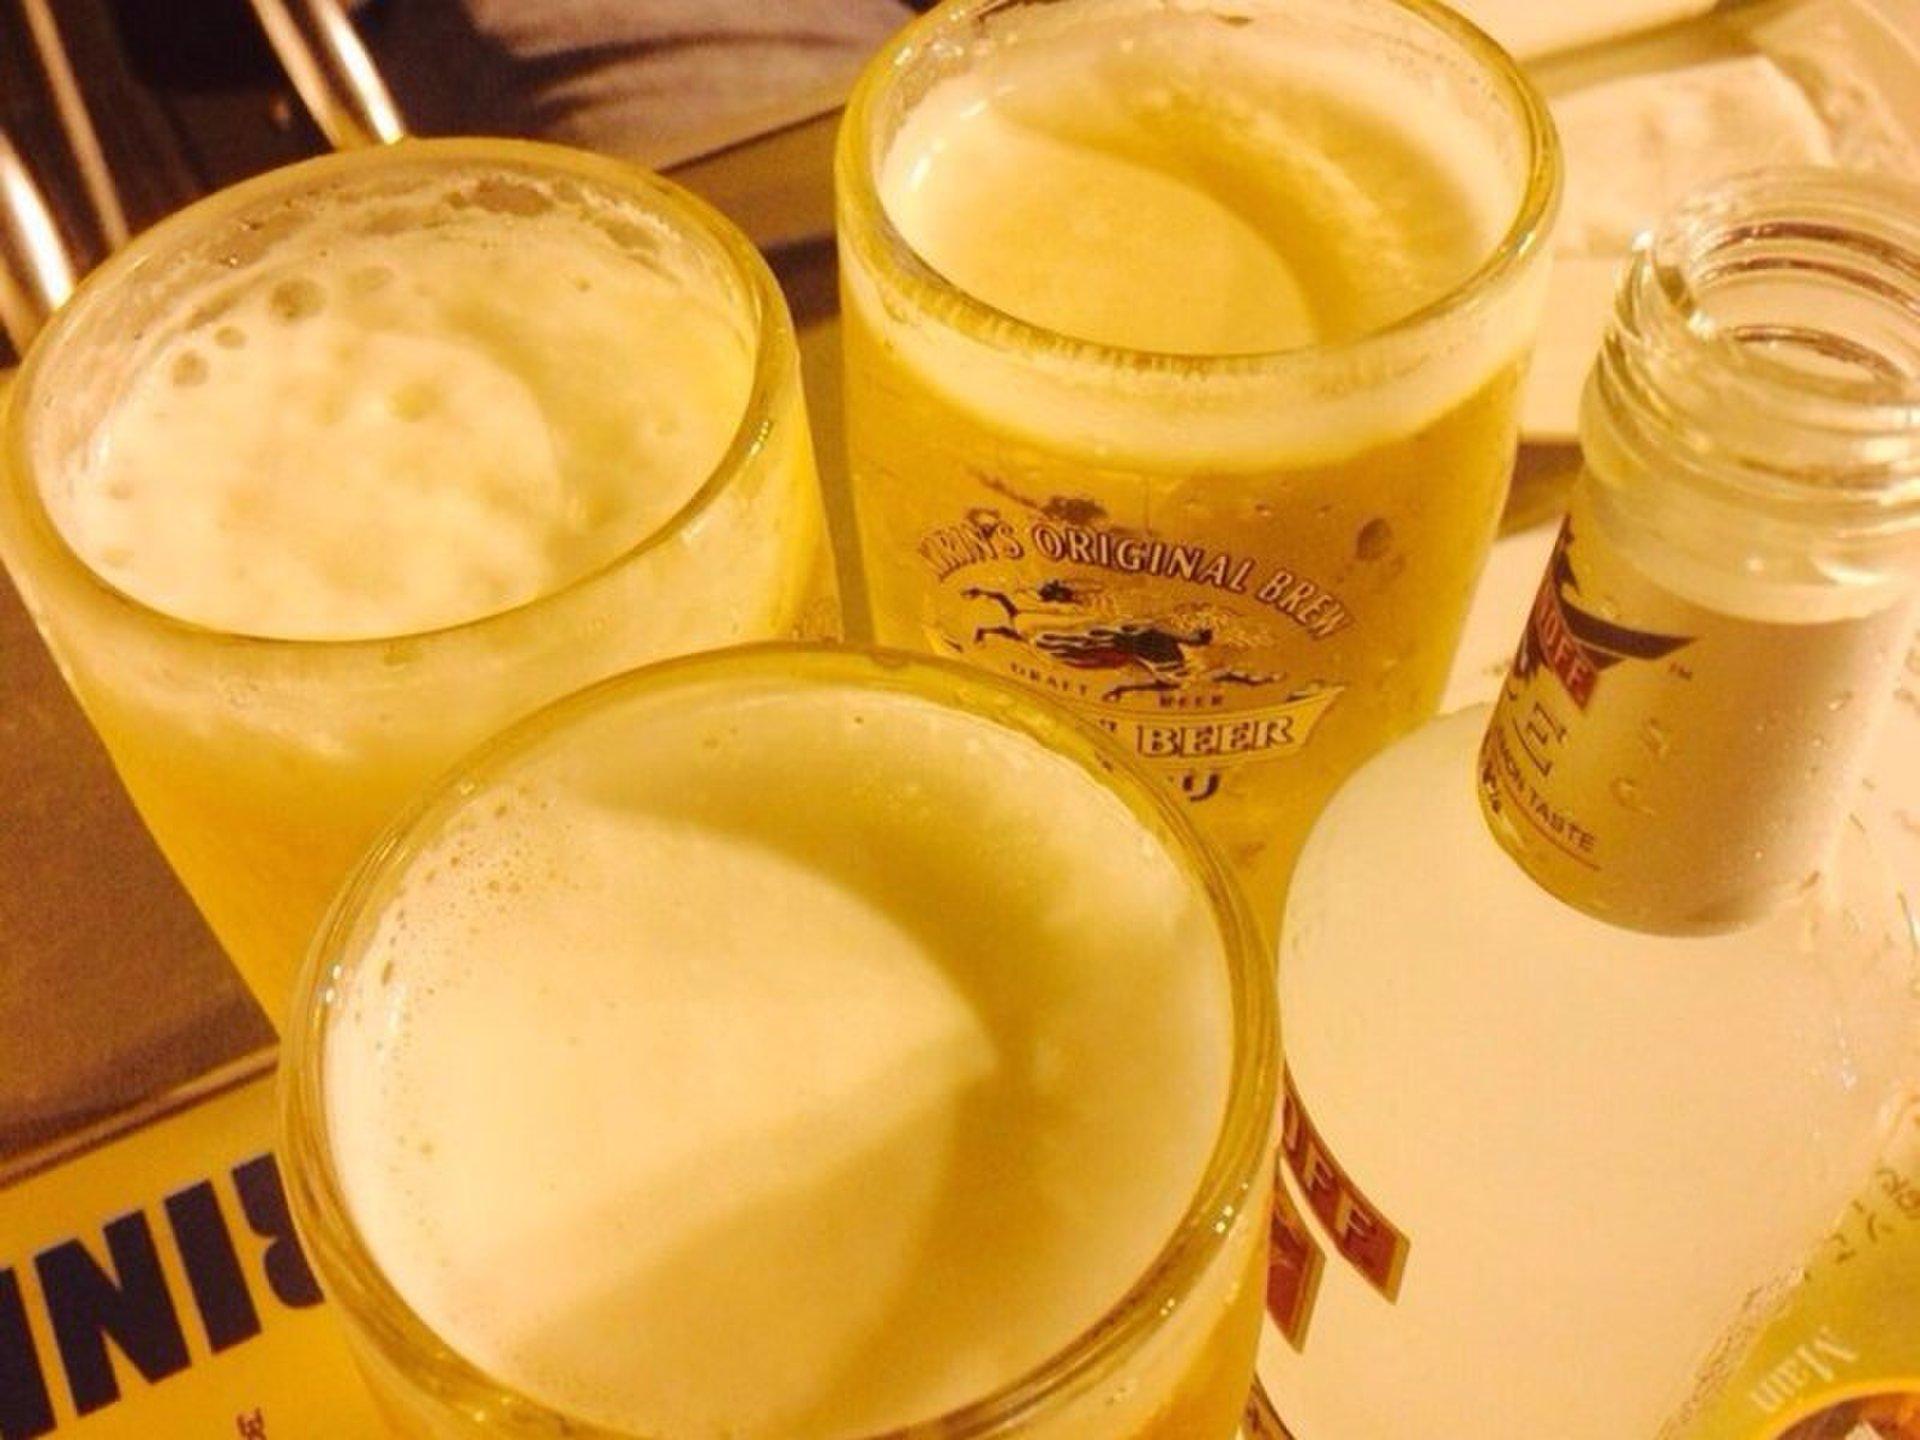 【飲み会好き必見!】都内で飲めるビールで最高の宴を!夏季限定、都内のビアガーデンまとめ